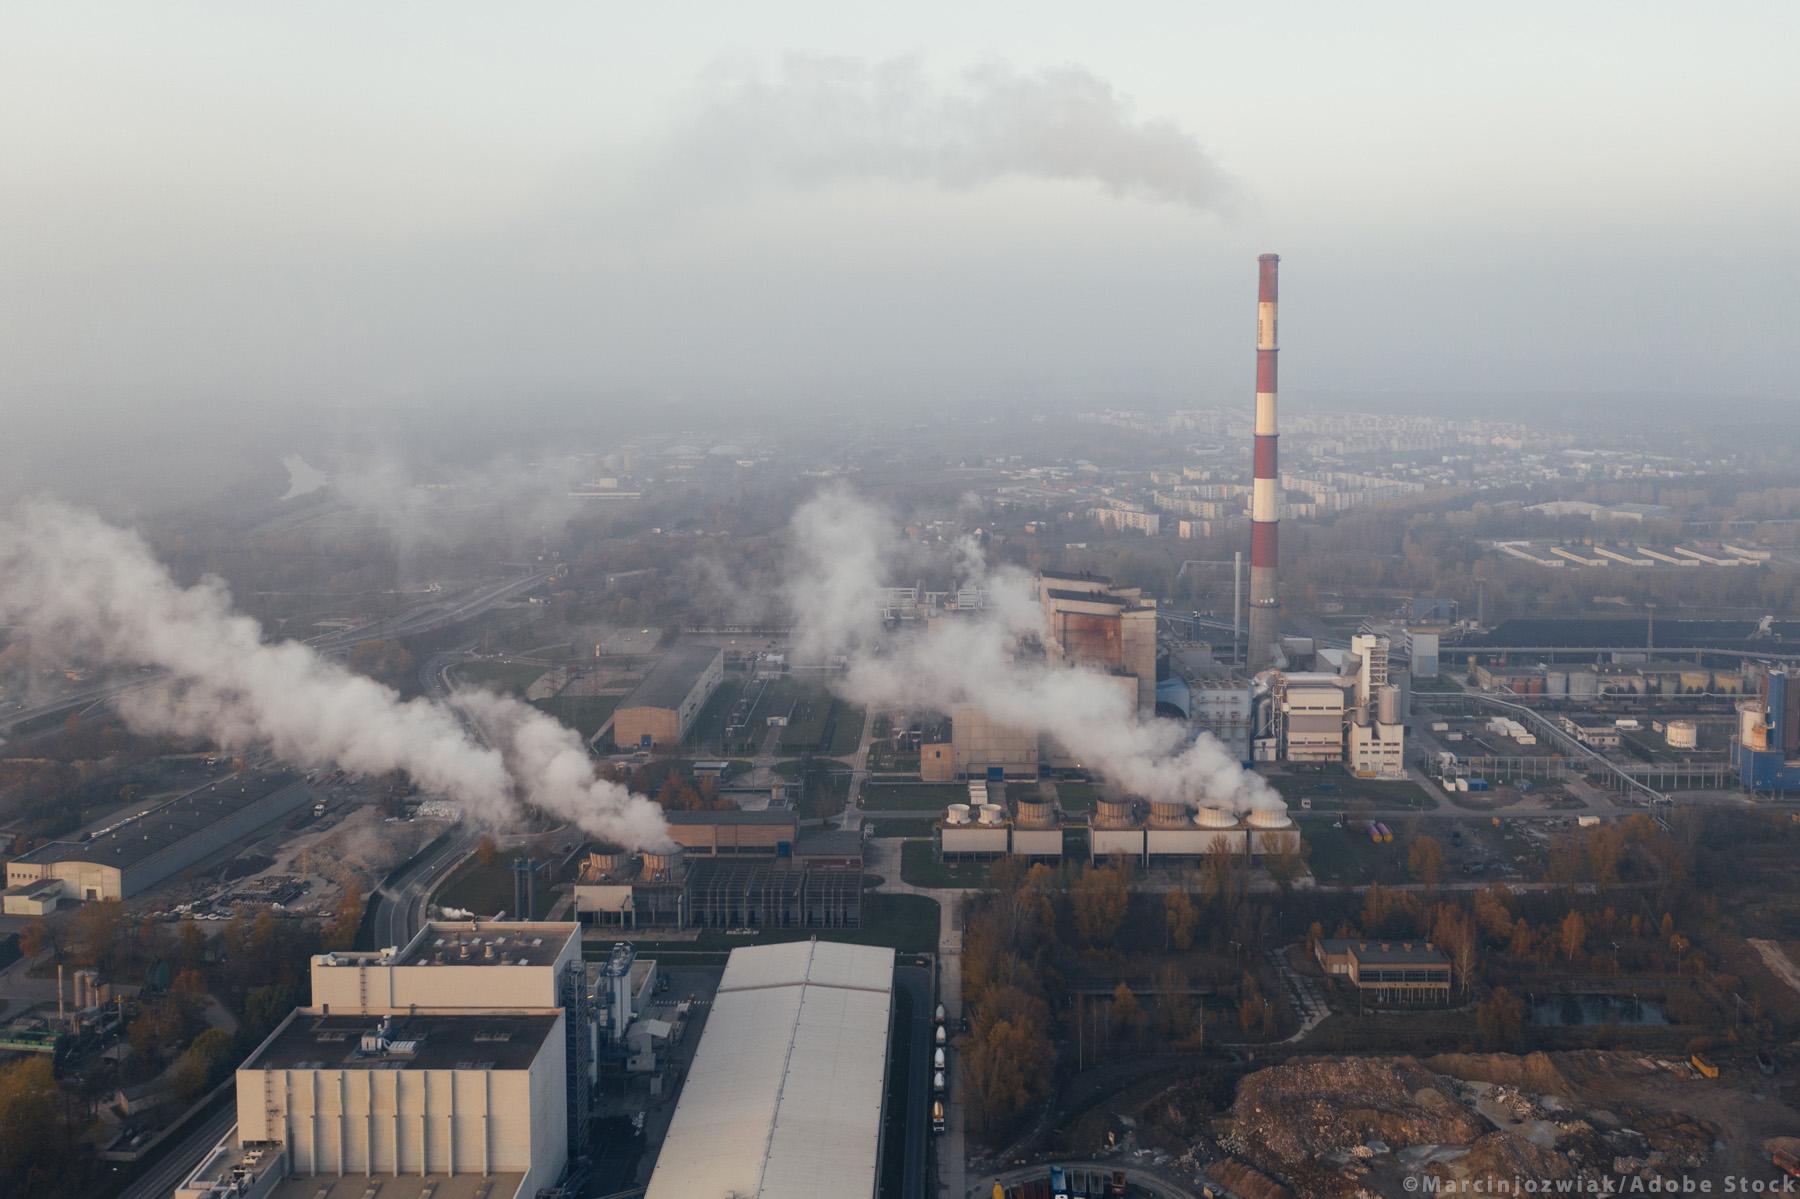 Закона за климата дава на предприятията правна сигурност за постигането на неутралност по отношение на климата ©AdobeStock/Marcinjozwiak